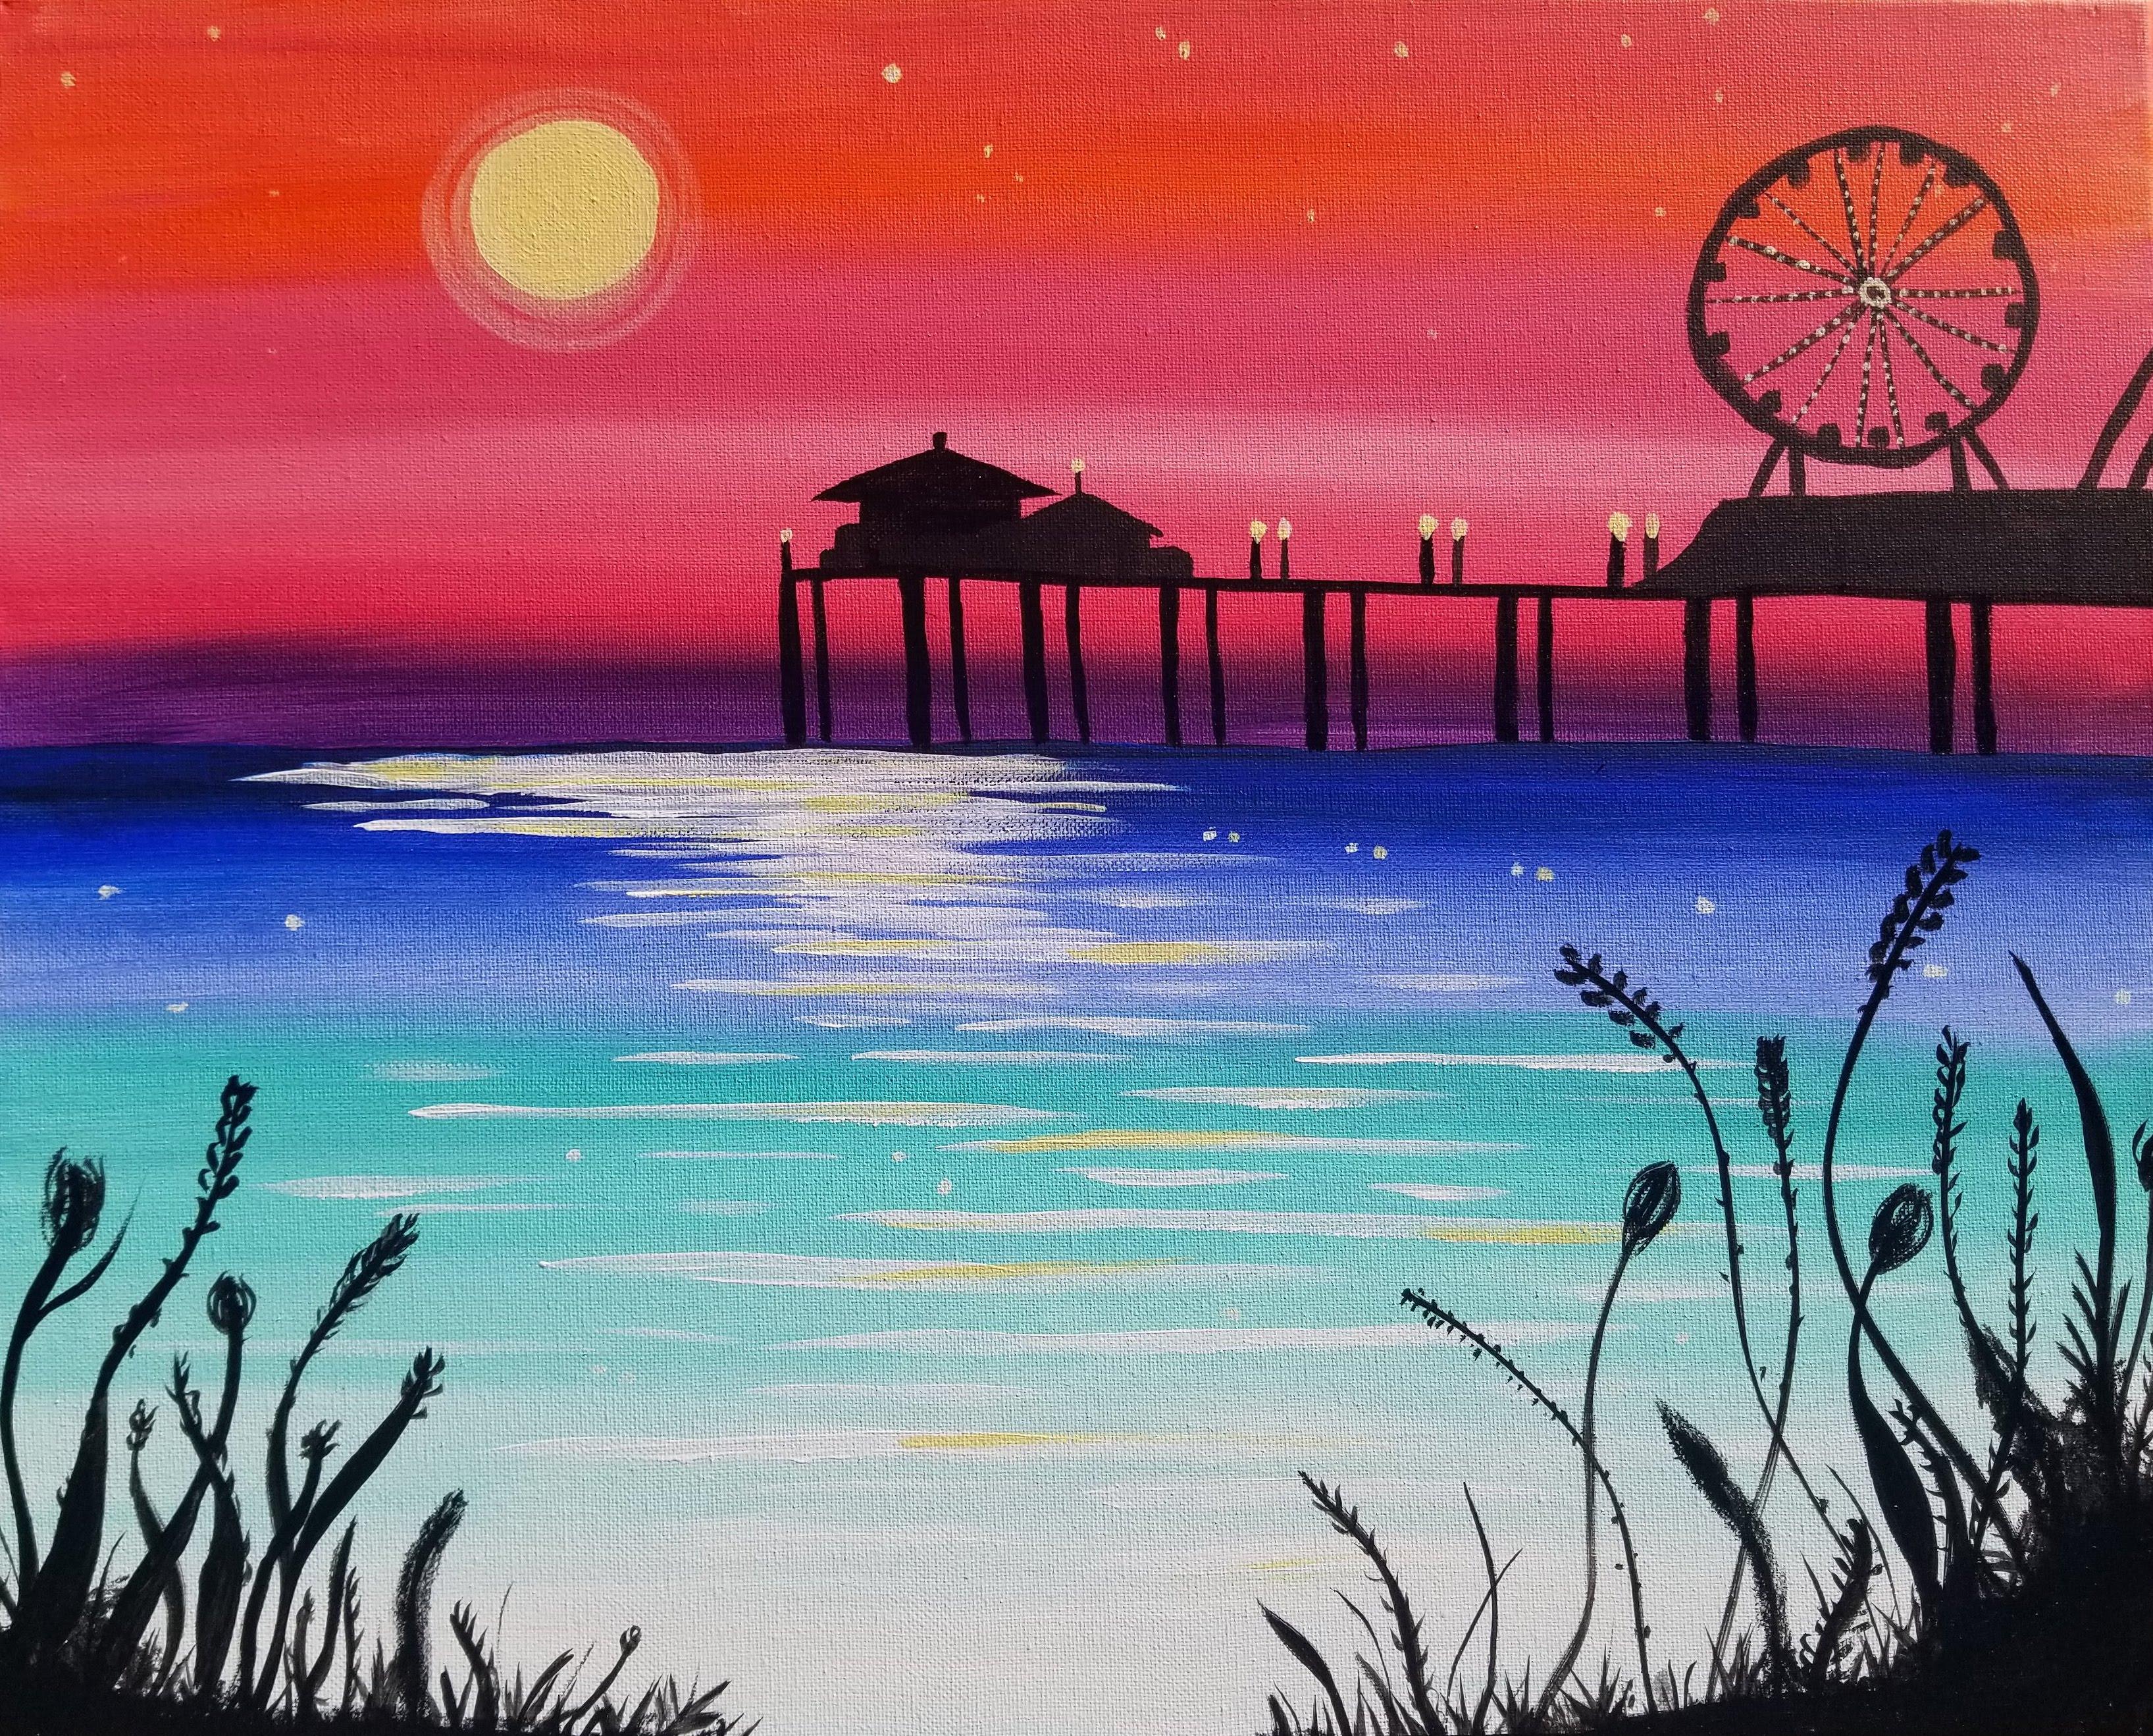 'Moon Over Pier'